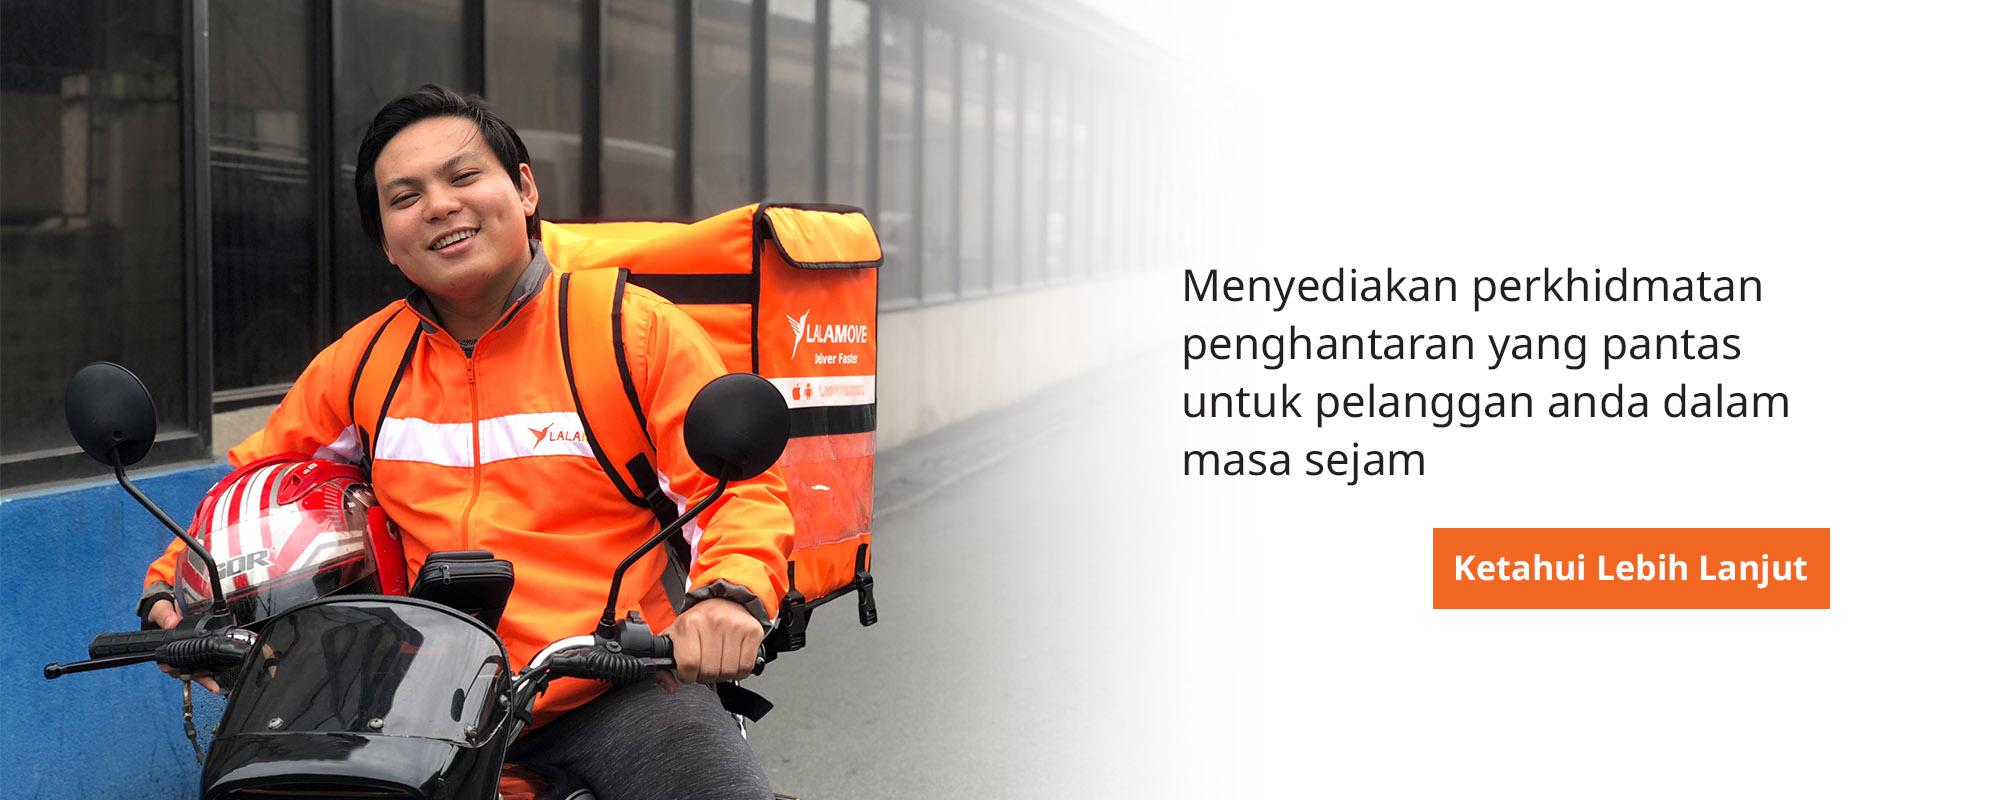 Lalamove menyediakan perkhidmatan penghantaran yang pantas untuk pelanggan anda dalam masa sejam